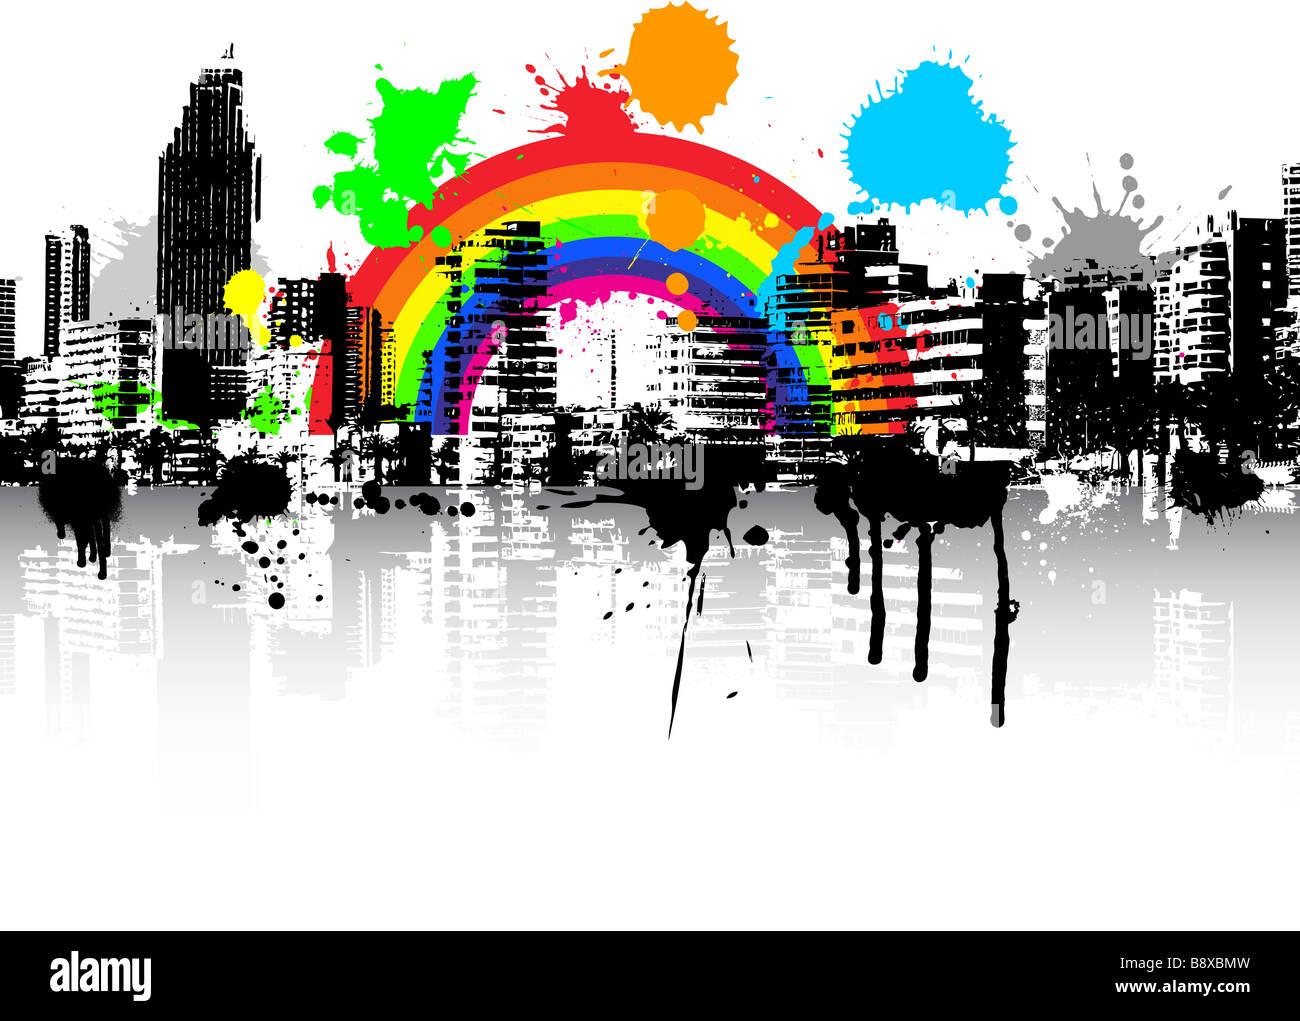 Style abstrait arrière-plan de la scène grunge urbain avec rainbow Photo Stock